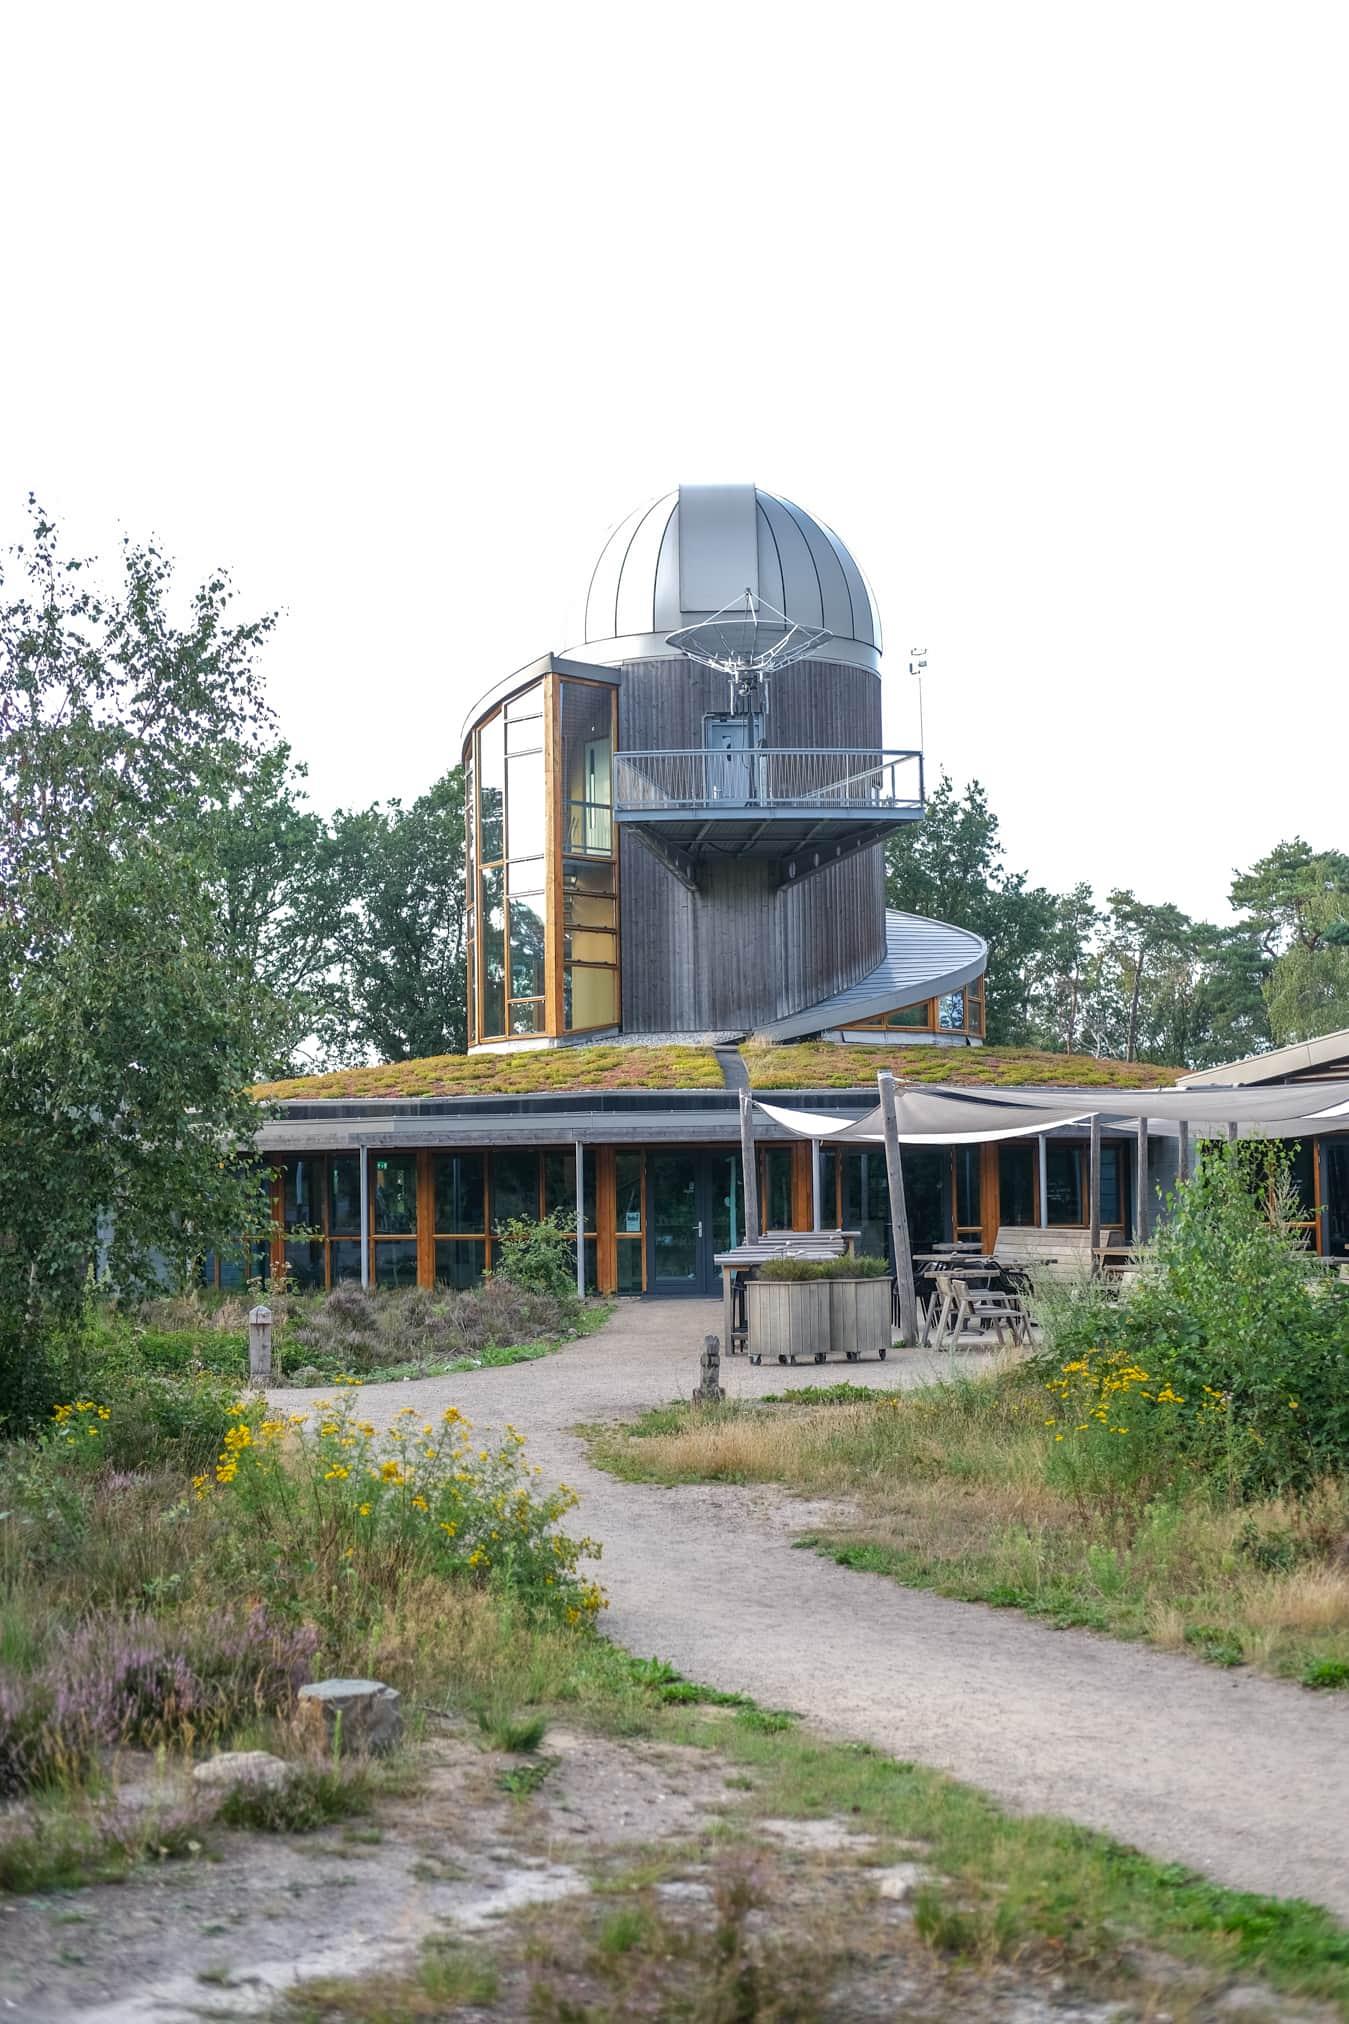 buitencentrum sallandse heuvelrug planetarium